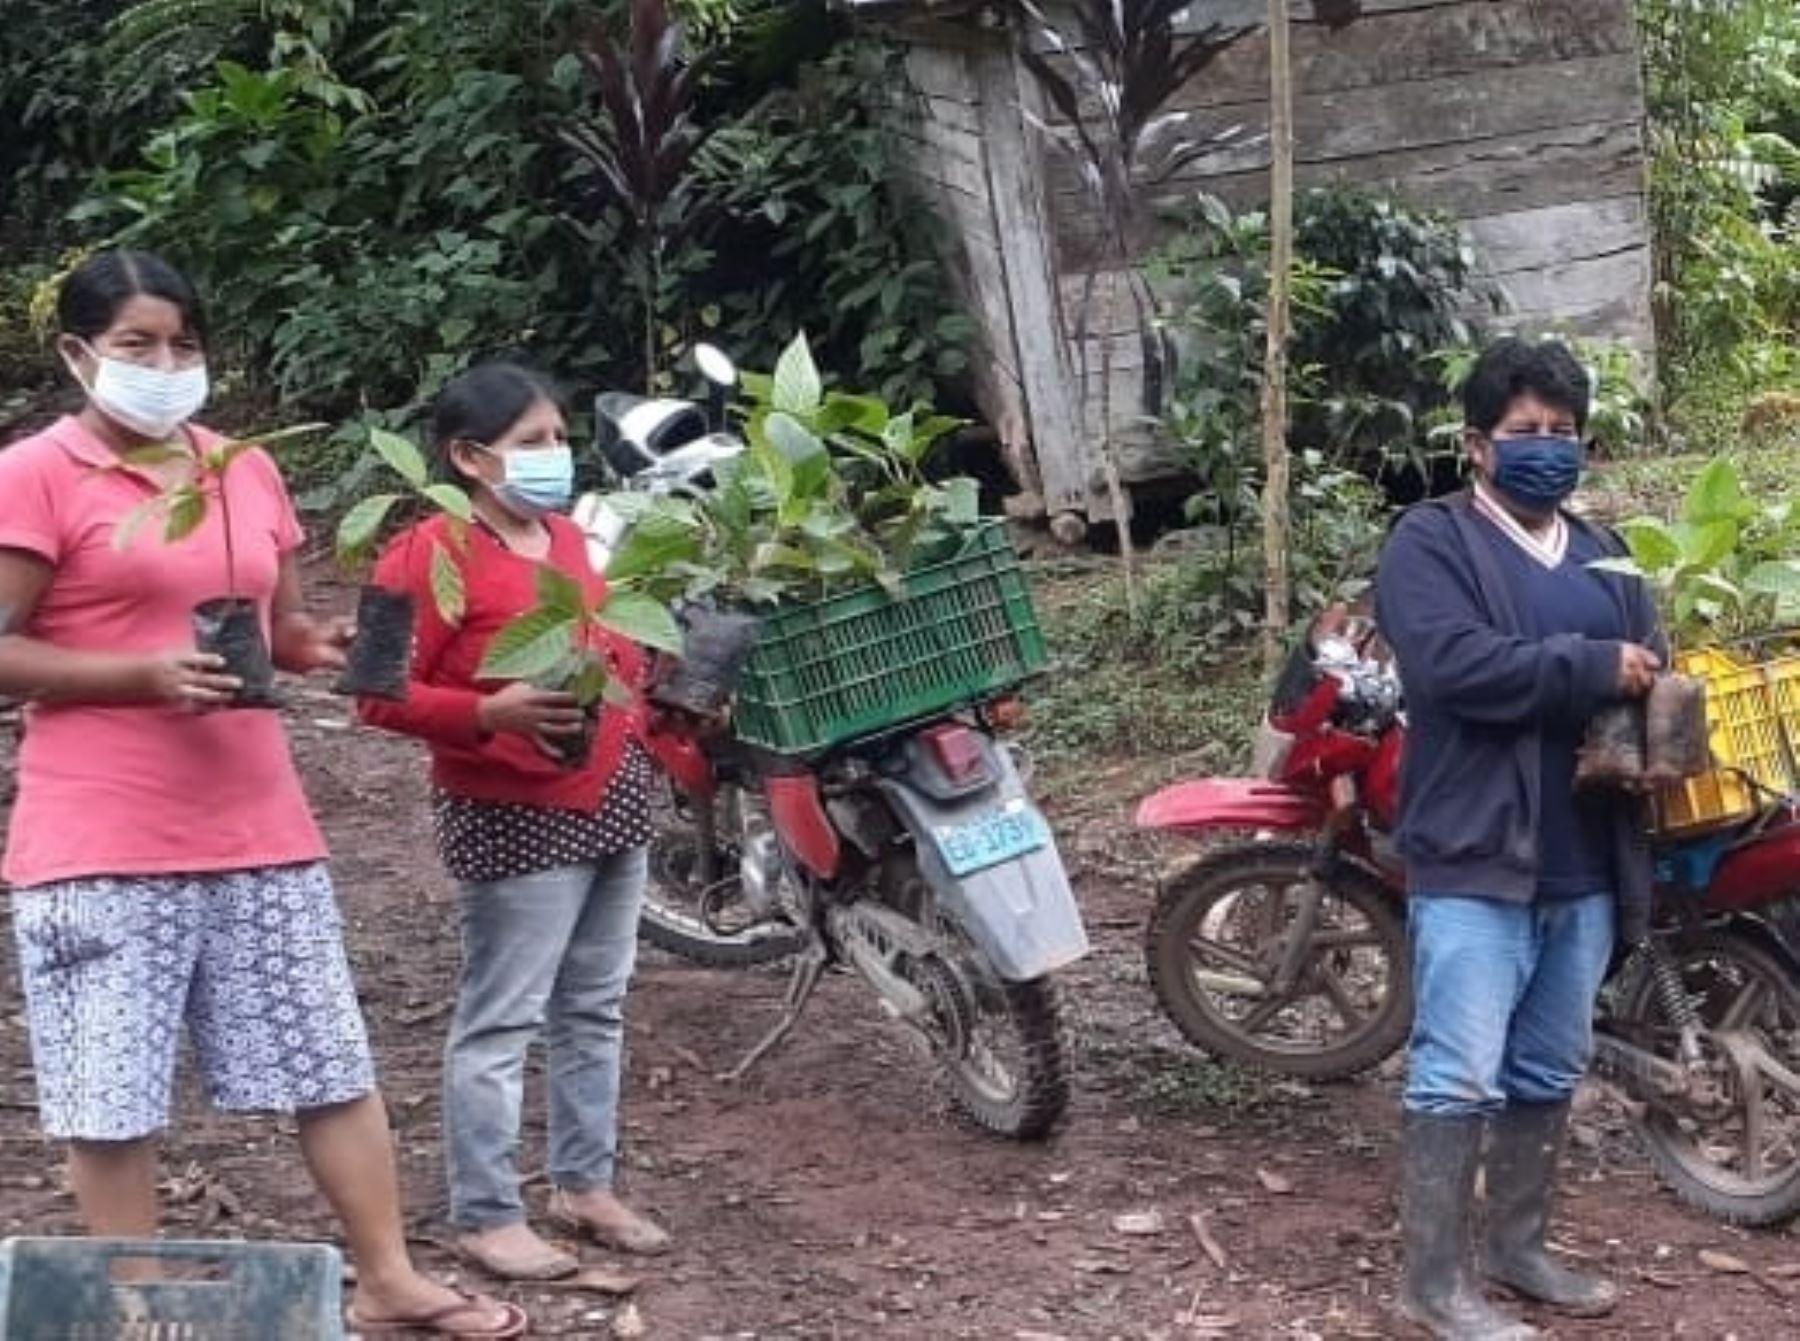 Pobladores de la comunidad campesina Barineti Real, ubicada en el distrito de Pichanaqui, en la selva de Junín, iniciaron siembra del emblemático árbol de la quina. ANDINA/Difusión